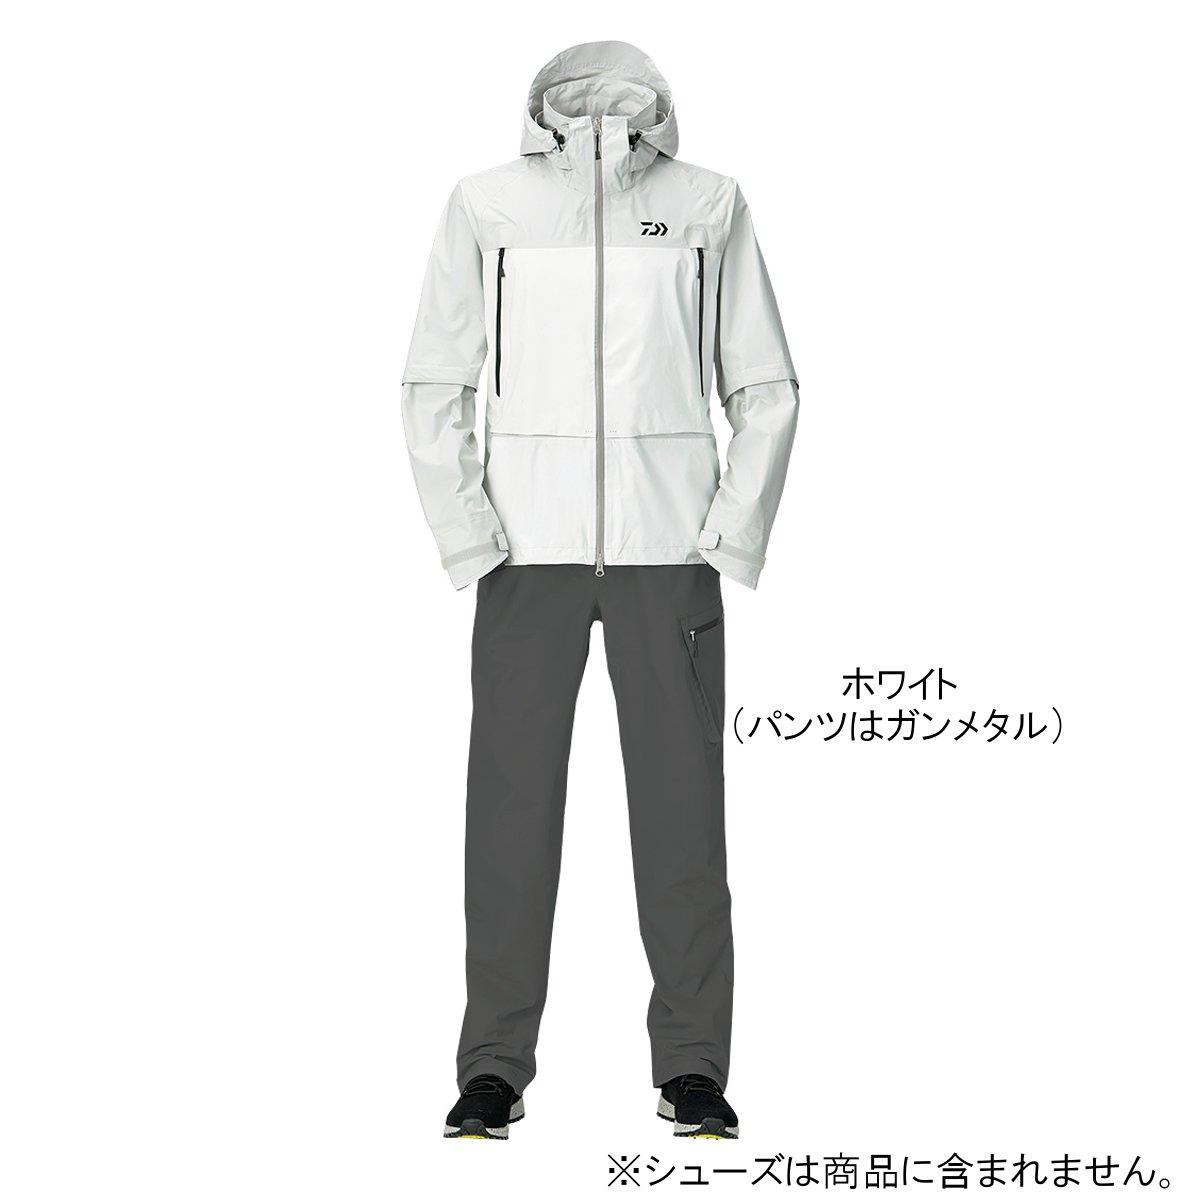 ダイワ レインマックス デタッチャブルレインスーツ DR-30009 XL ホワイト【送料無料】